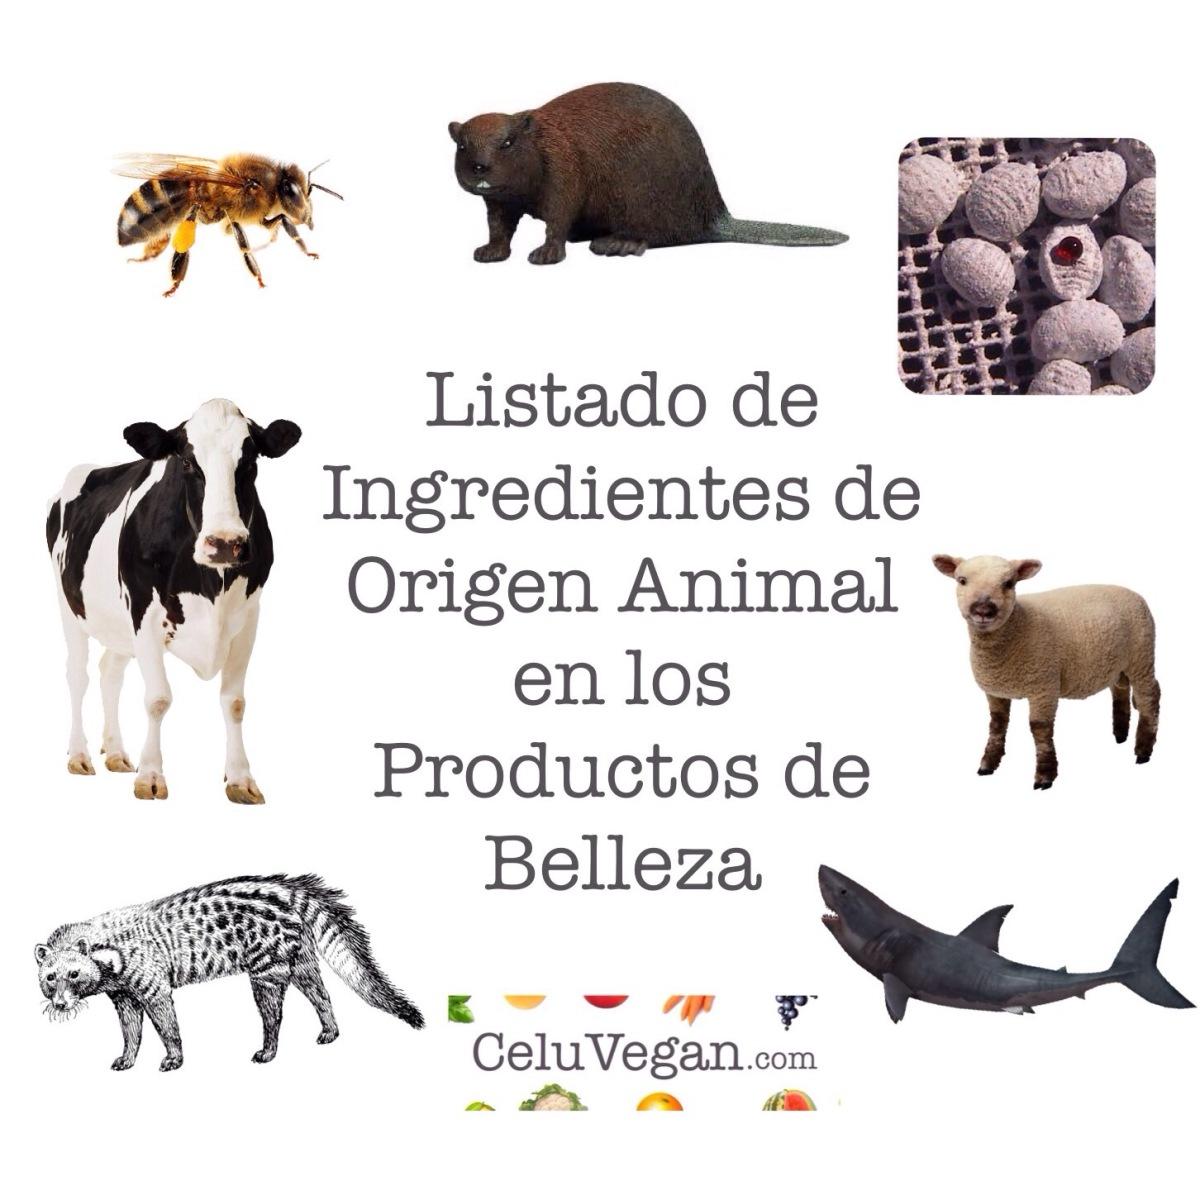 Listado De Ingredientes De Origen Animal En Los Productos